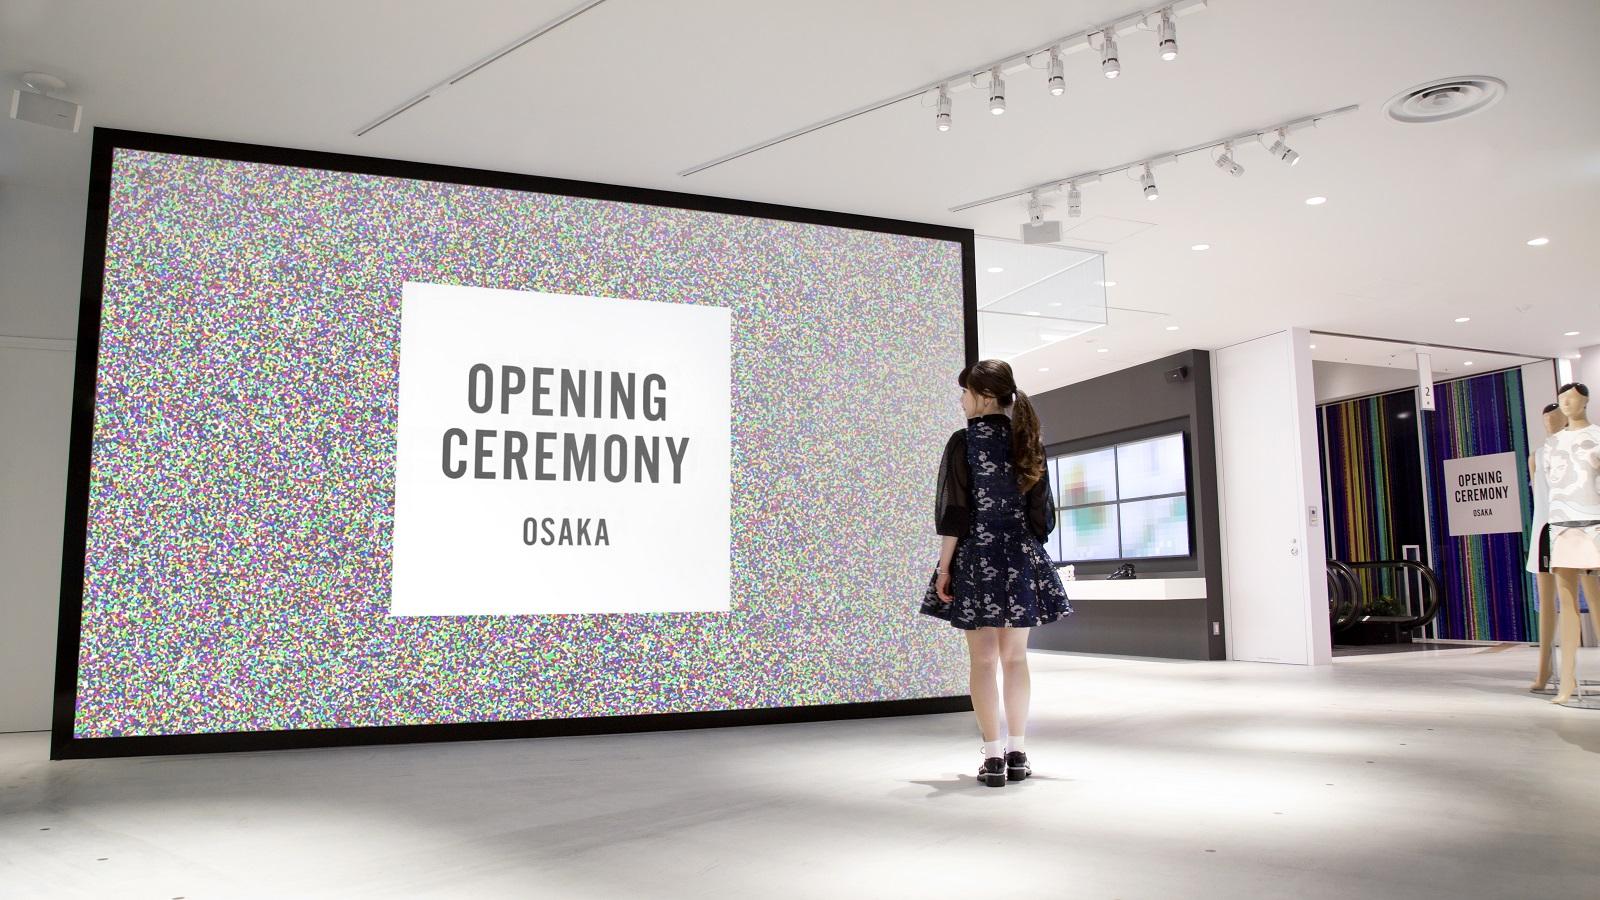 OPENING CEREMONY OSAKA